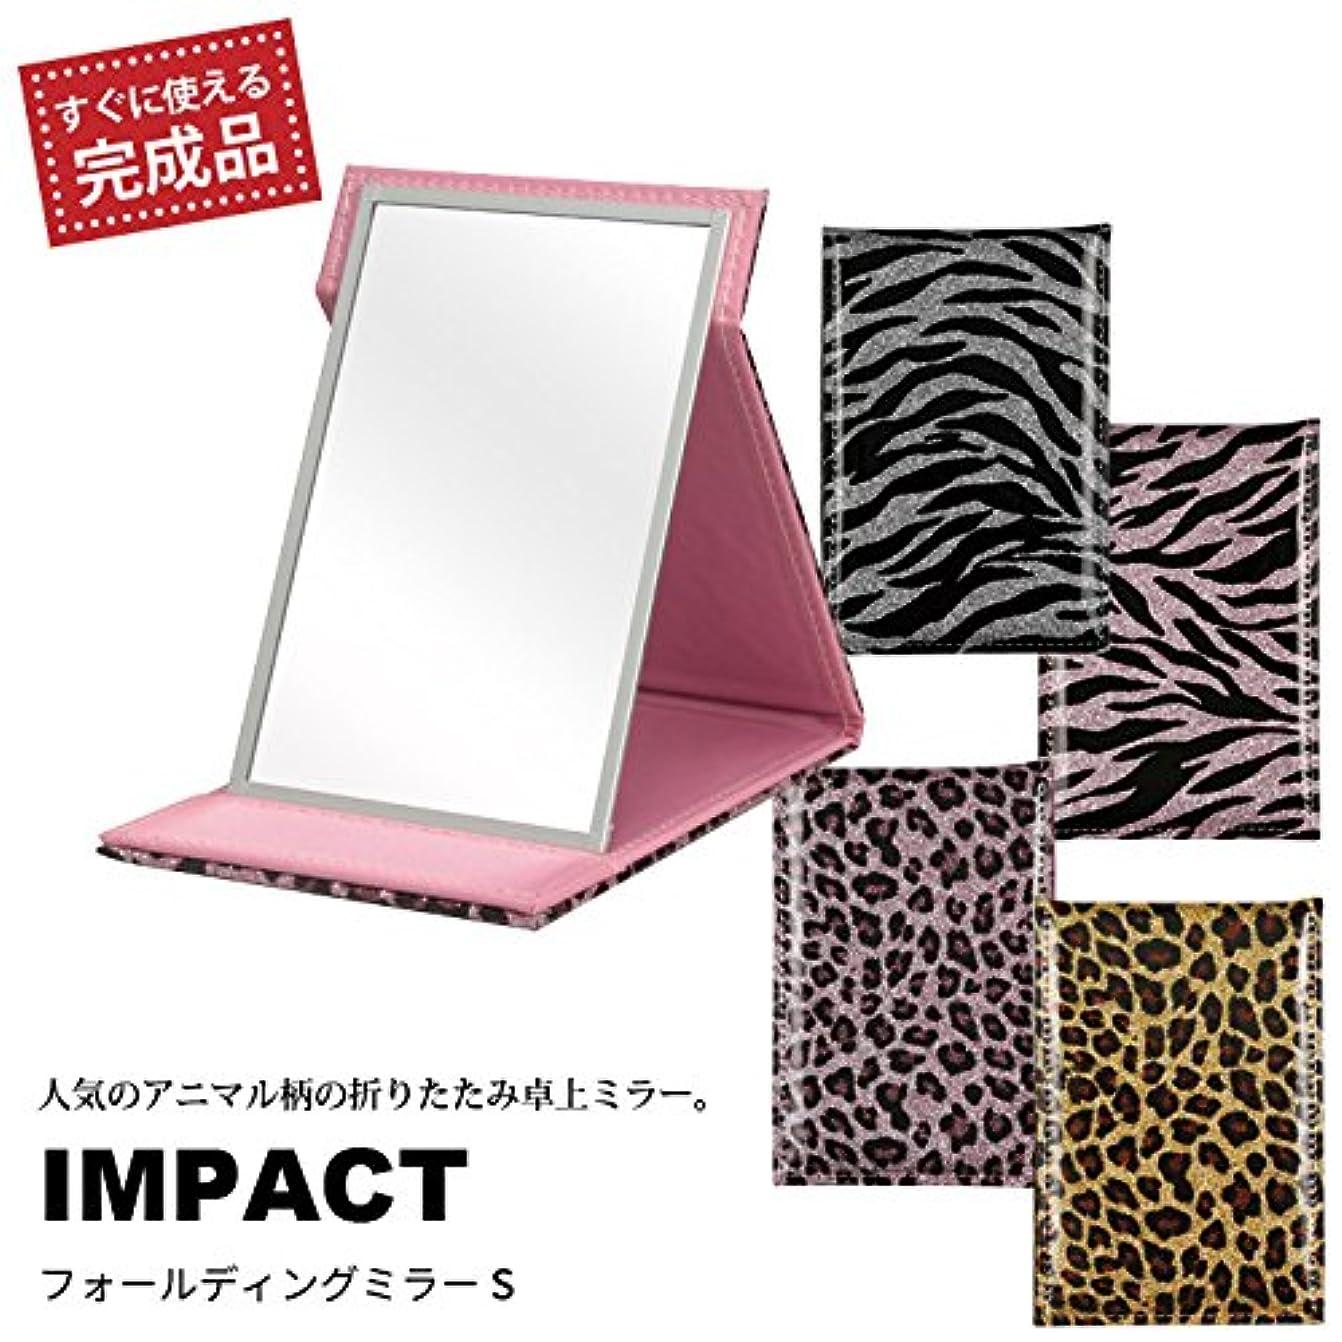 更新ほこりっぽい気難しい手鏡 ミラー 折りたたみ 鏡 フォールディング カバー IMPACT インパクトS